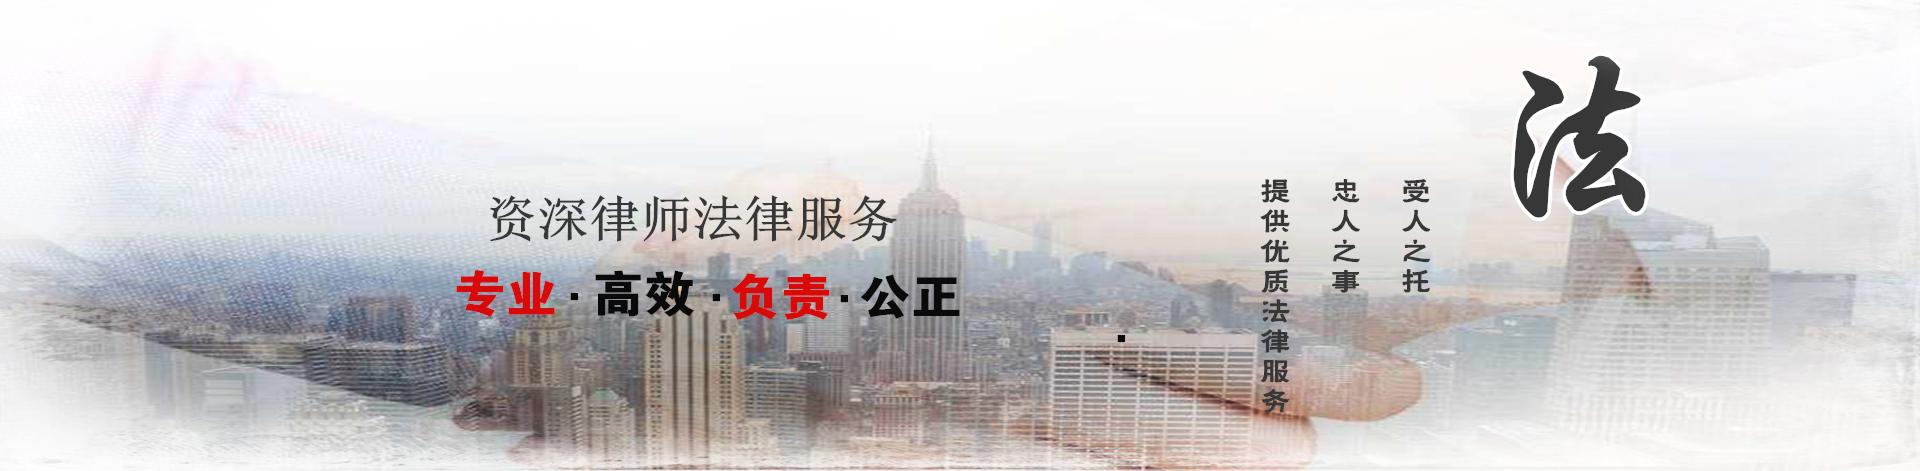 中山律师王俊全律师:竭诚保护当事人合法权益